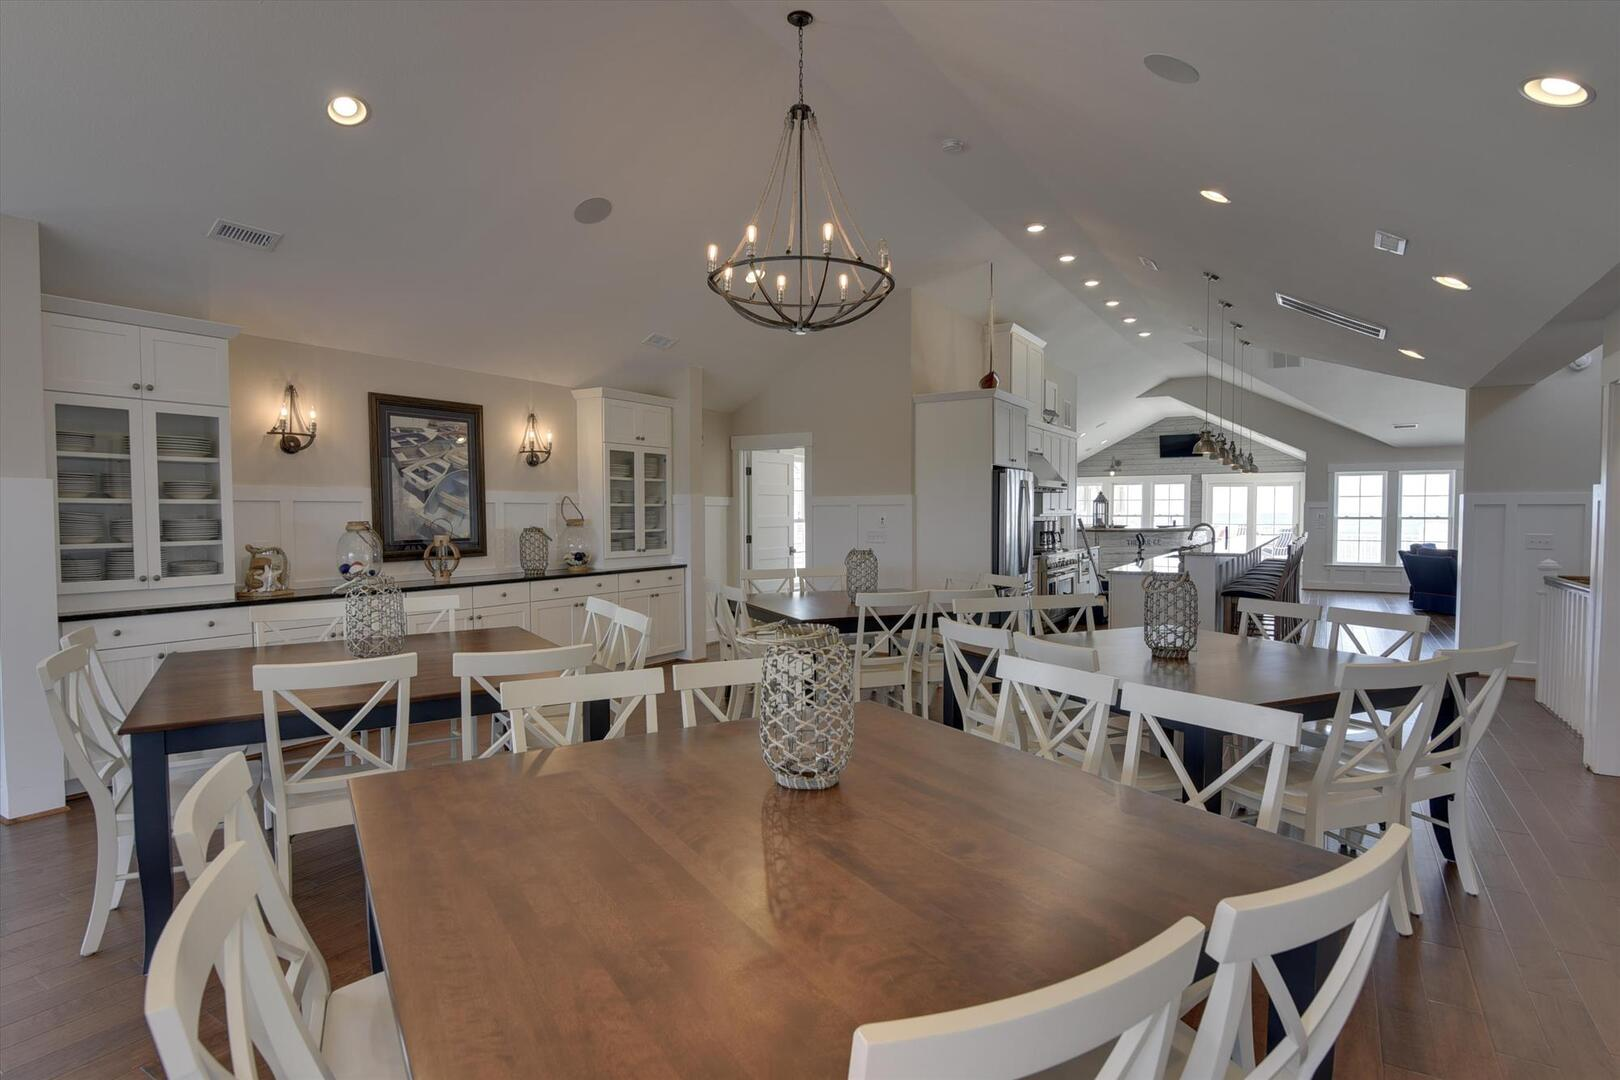 Main/Upper Level,Dining Room,